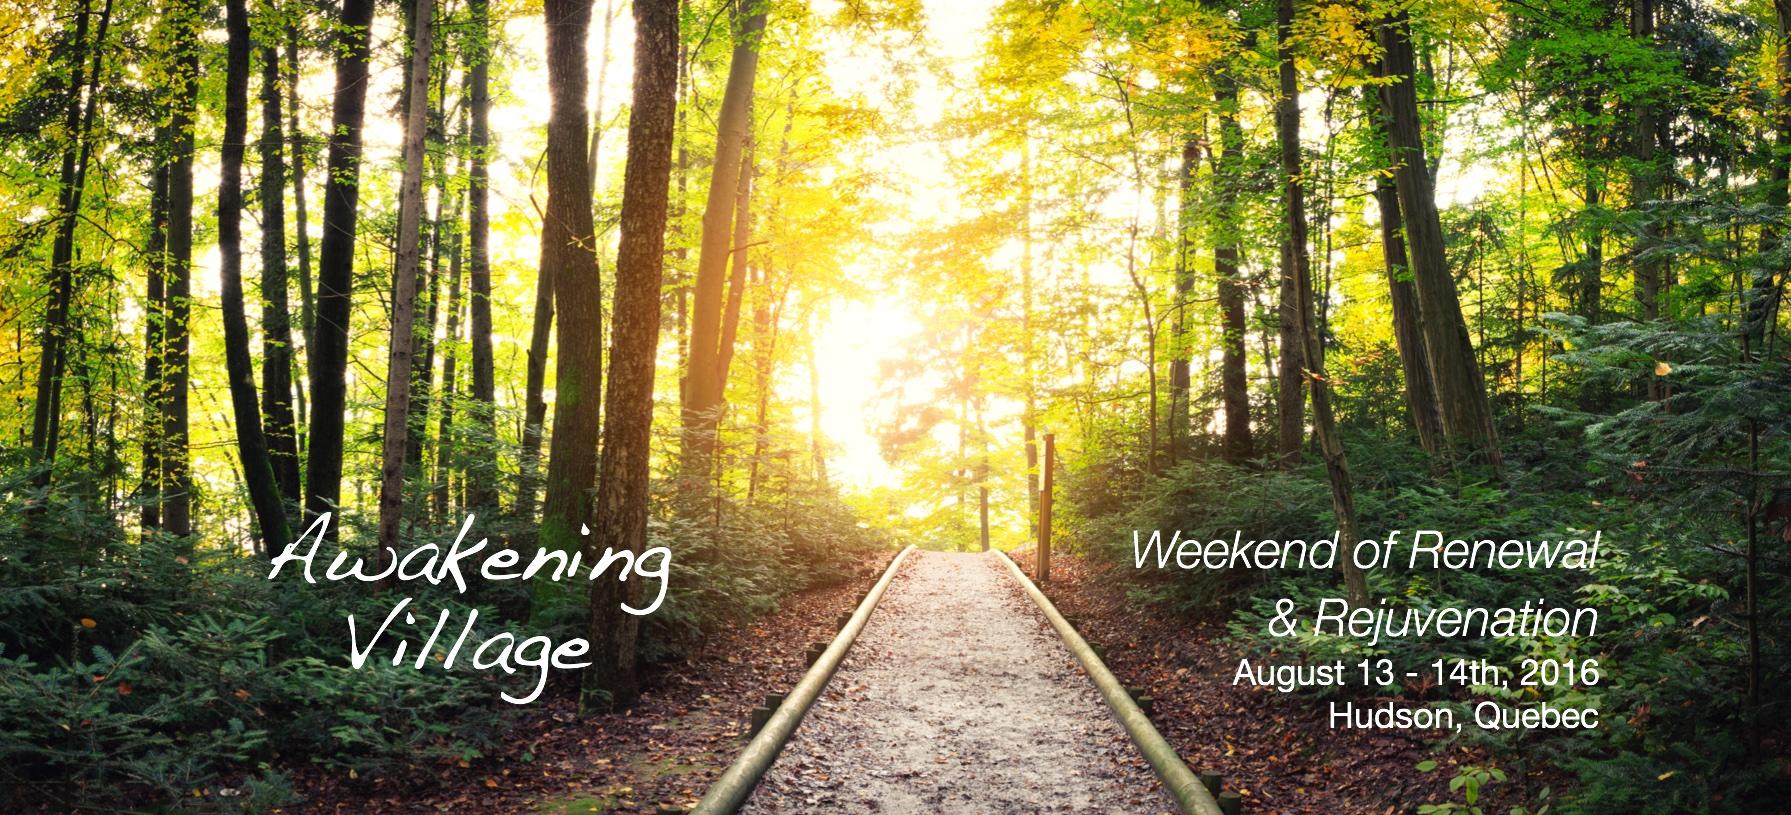 awakening-village-renewal-weekend1